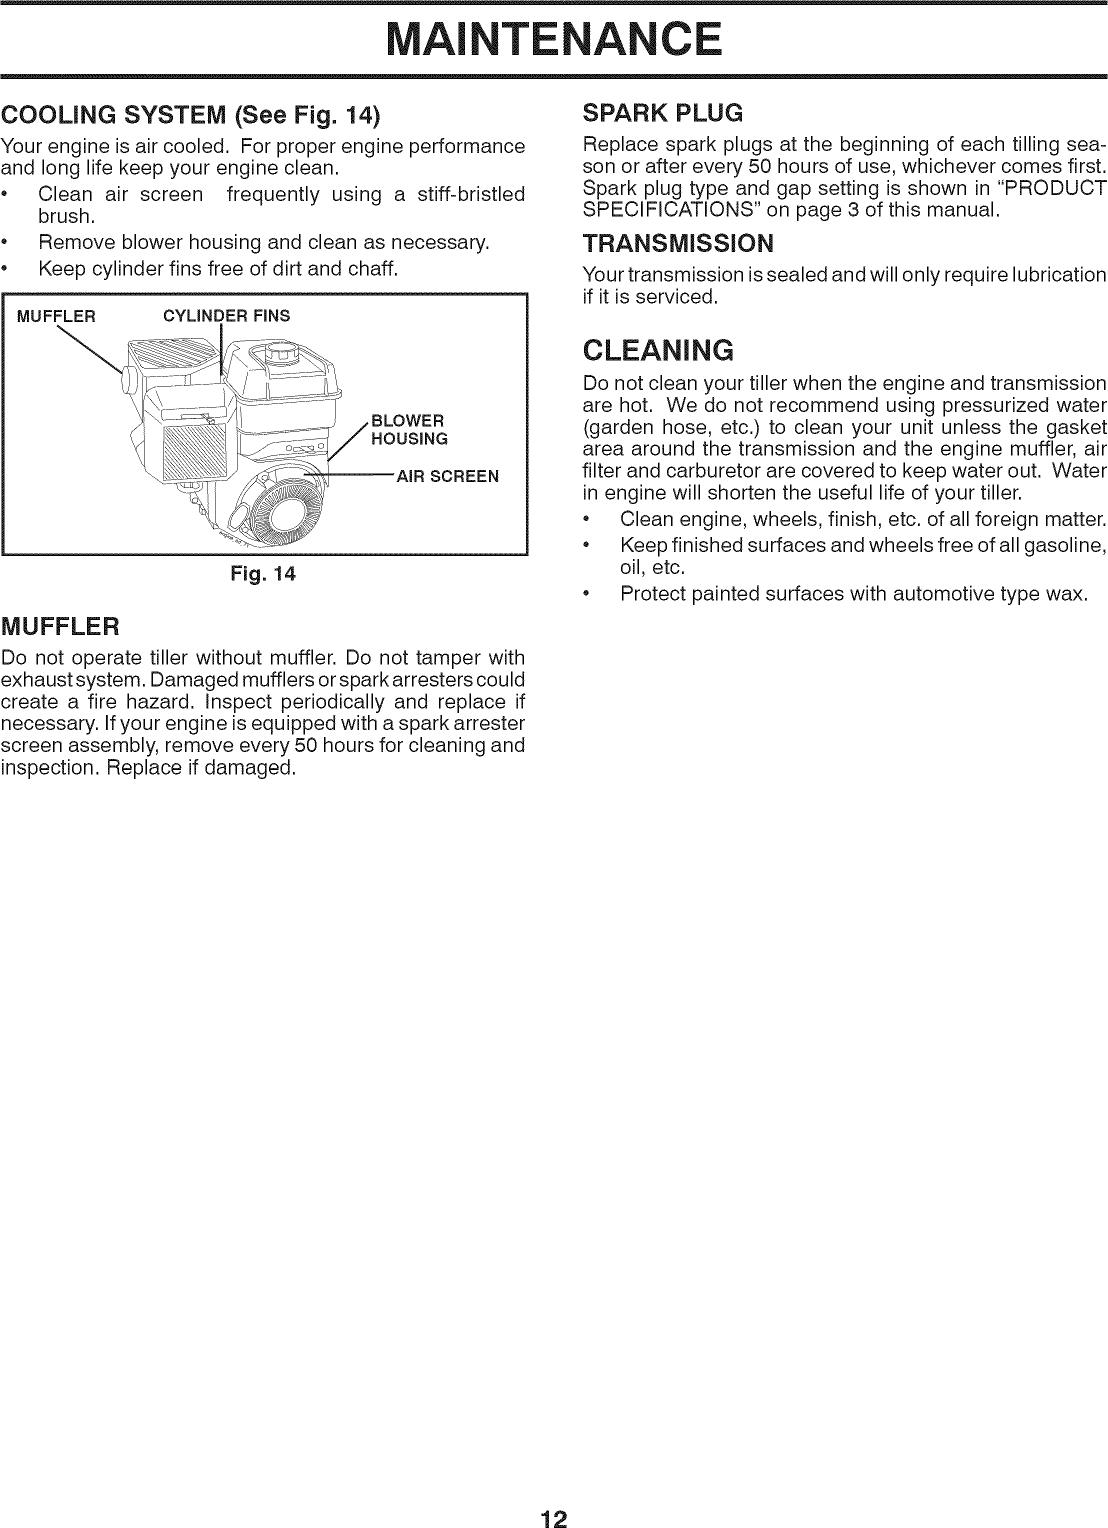 Craftsman 91725009 User Manual FRONT TILLER Manuals And Guides 1201331L